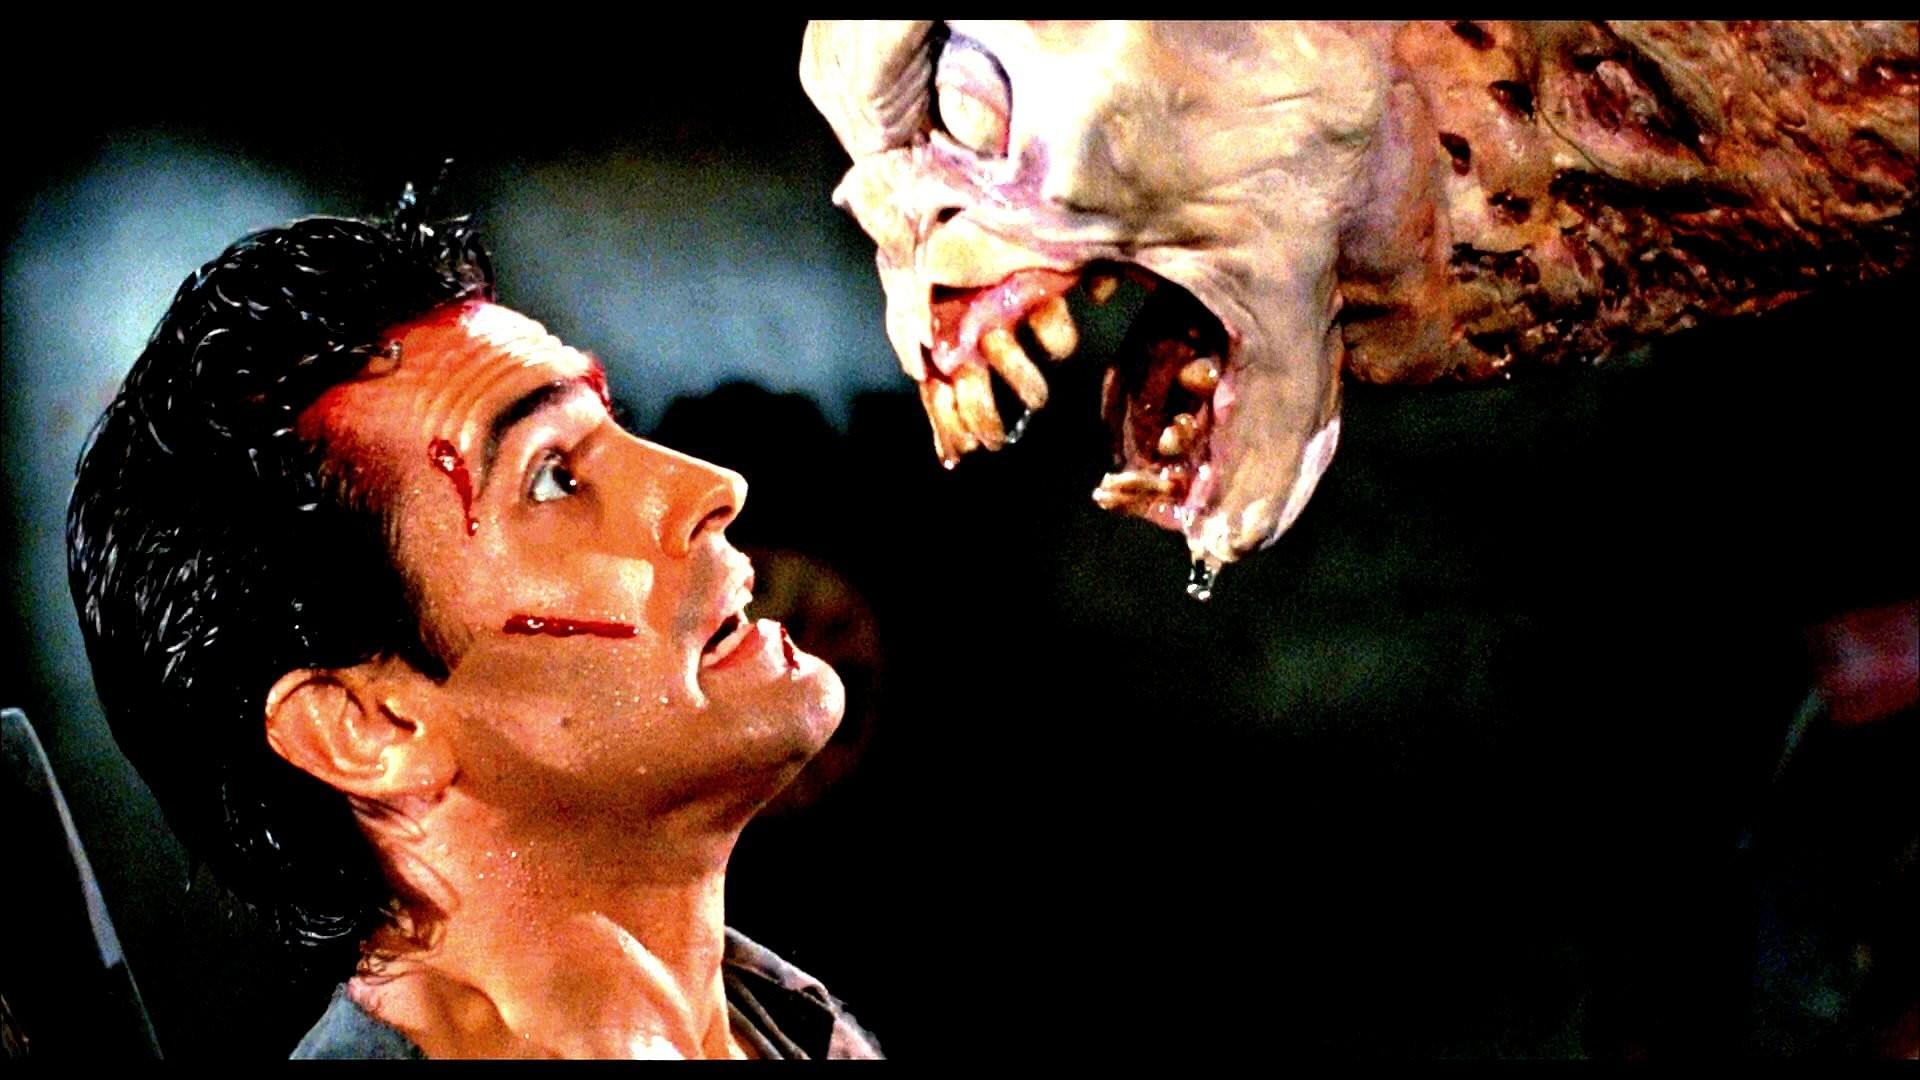 EVIL DEAD horror dark zombie blood demon monster g wallpaper      236081   WallpaperUP